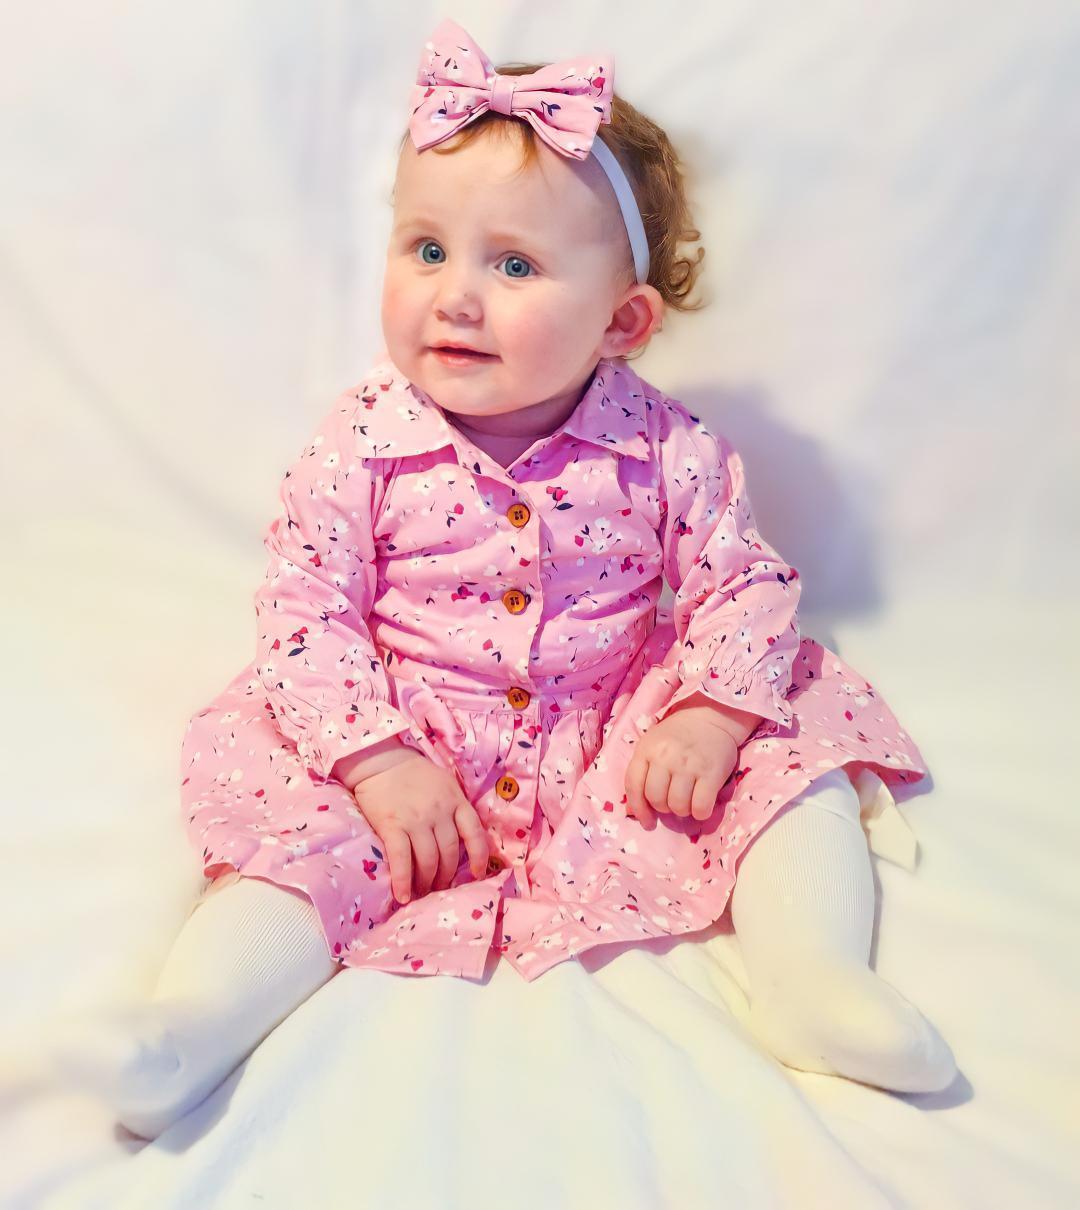 Baby girl in cute dress